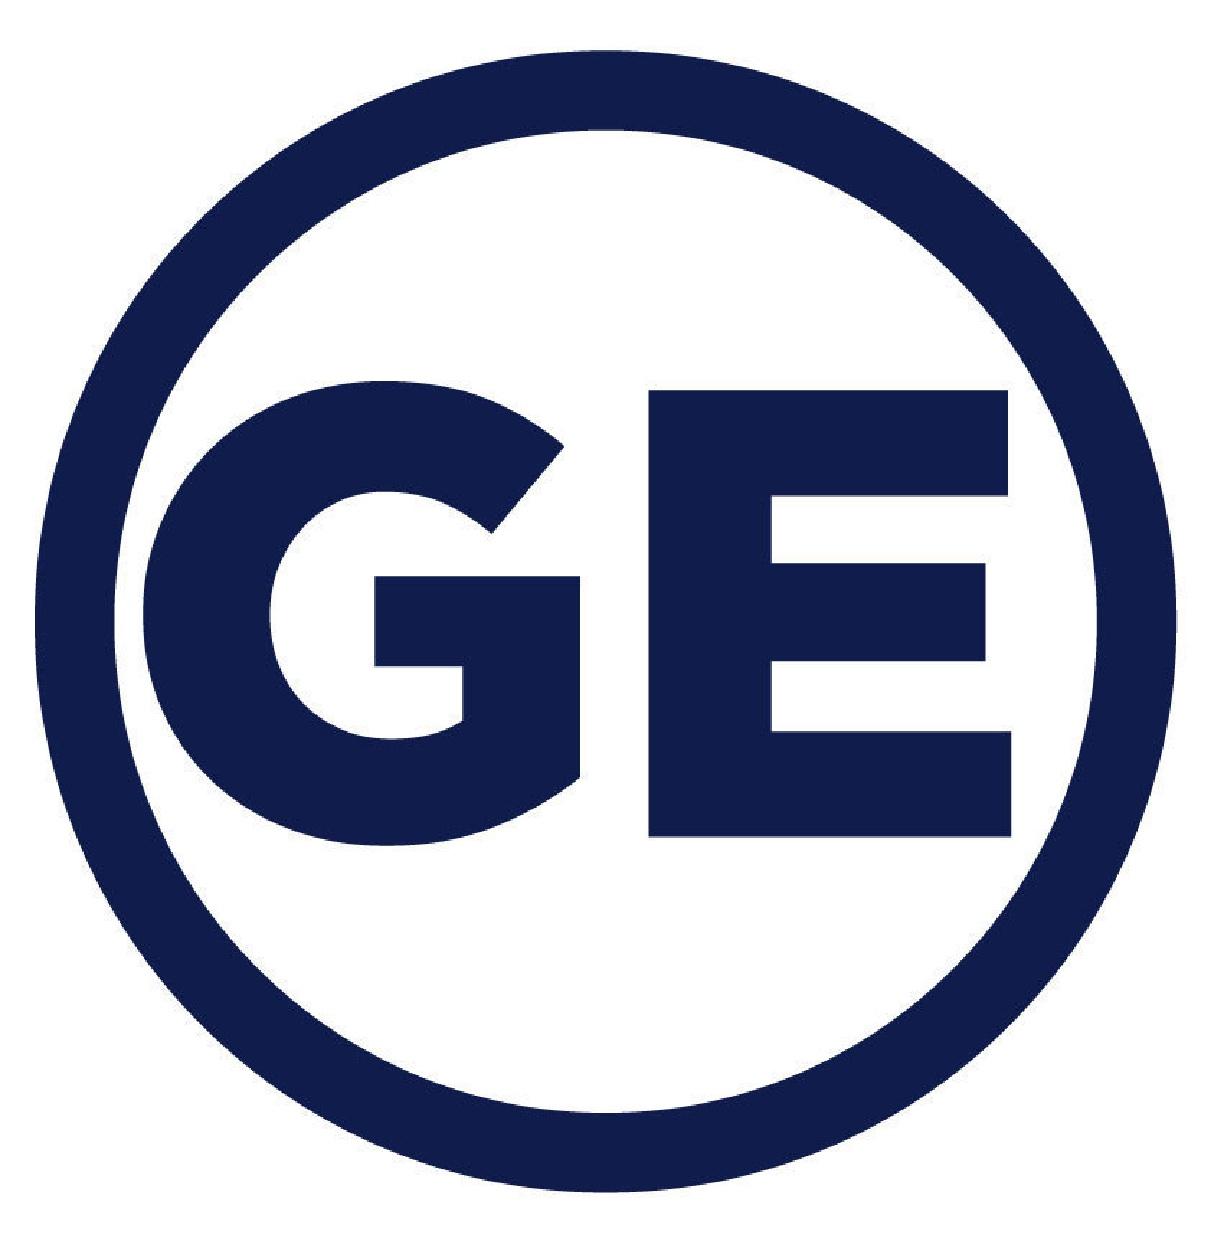 GE-nf-blue-001.jpg